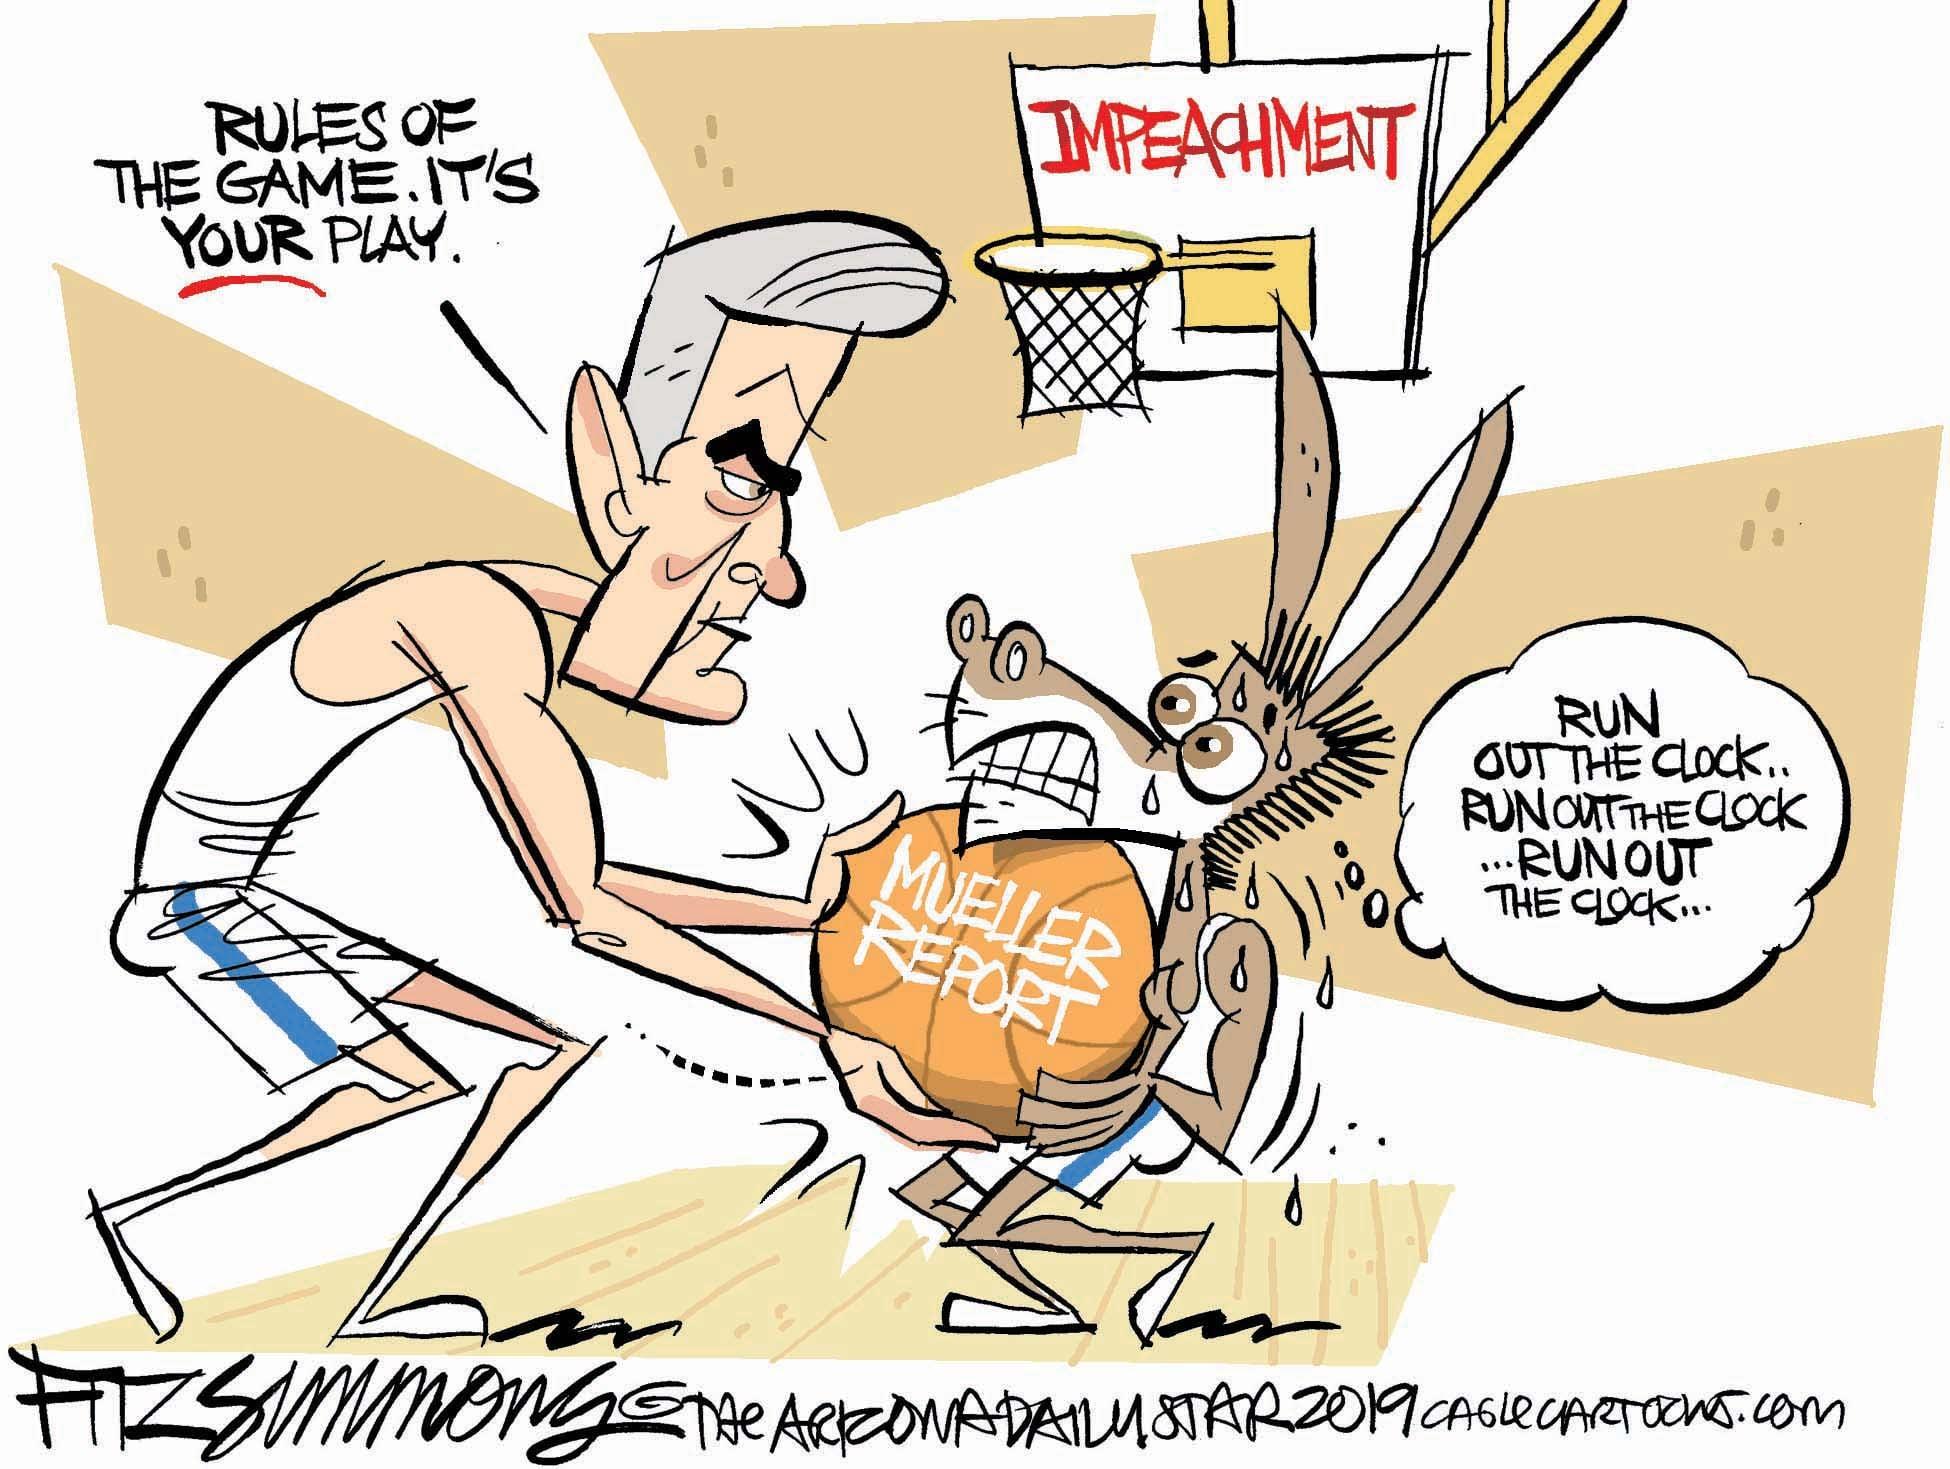 June 1: Mueller's Move